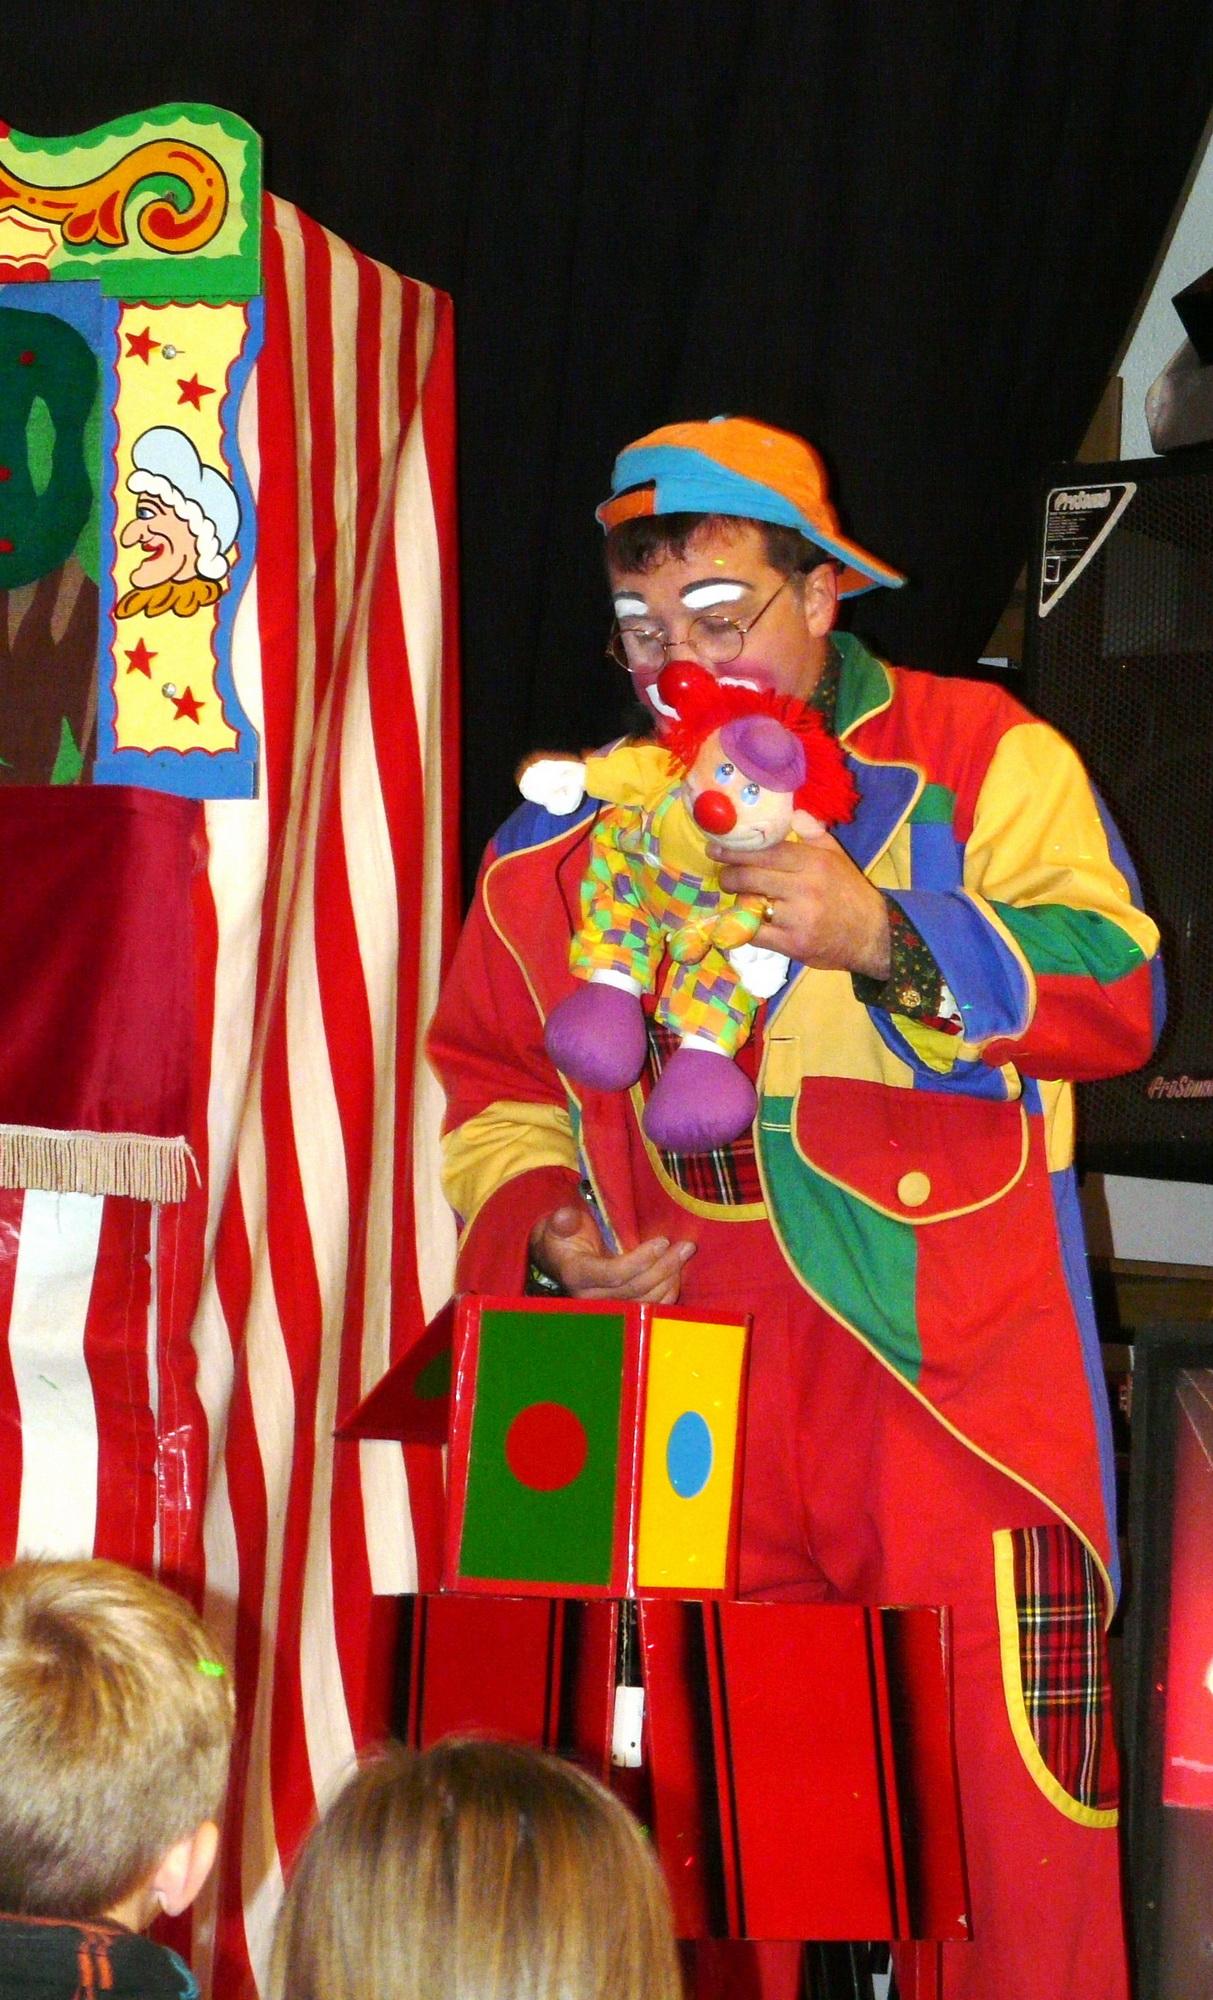 Jolly Jingles entertaining the children